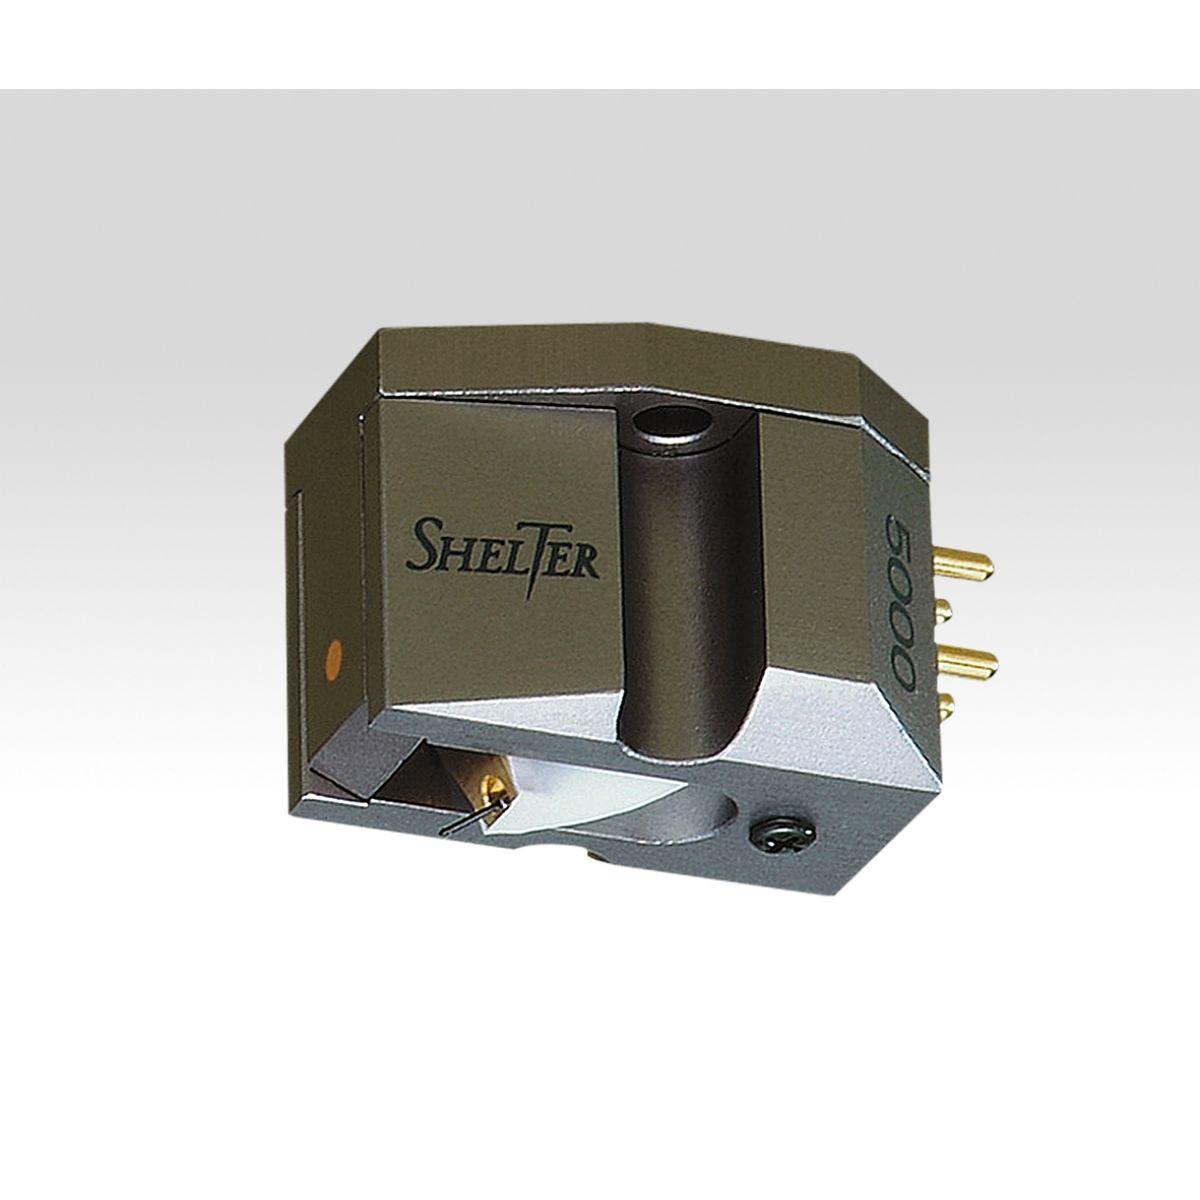 ShelTer Model 5000